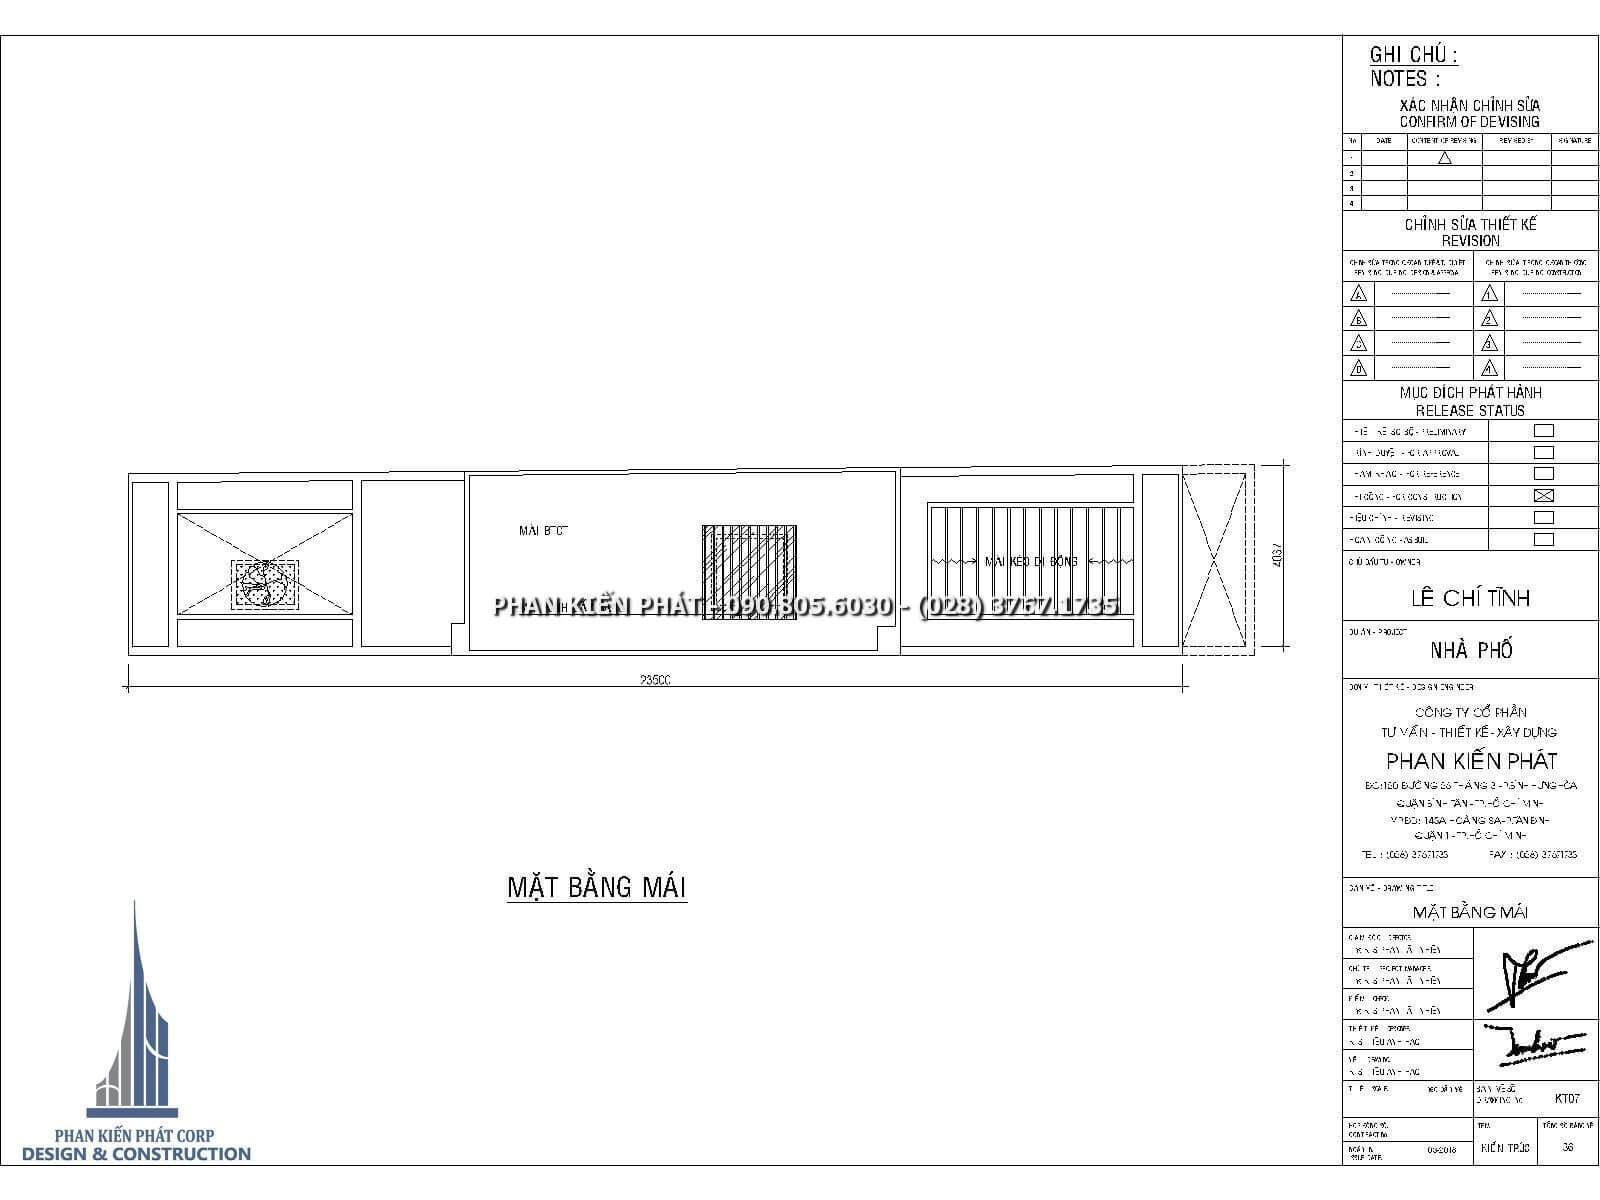 Mặt bằng mái – Thiết kế nhà phố 4 lầu kết hợp với phòng khám